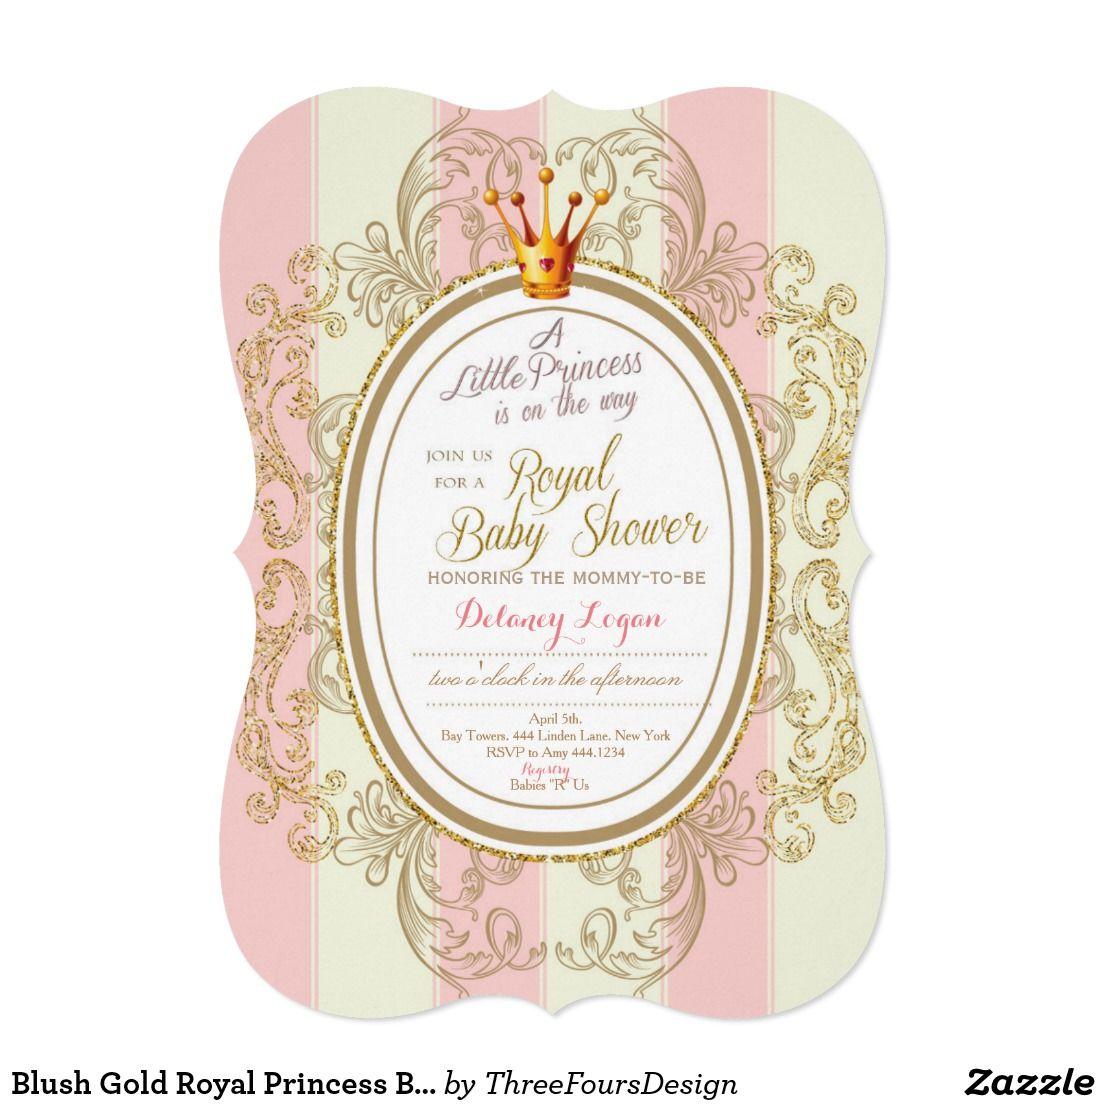 Blush Gold Royal Princess Baby Shower Invitation | Princess baby ...